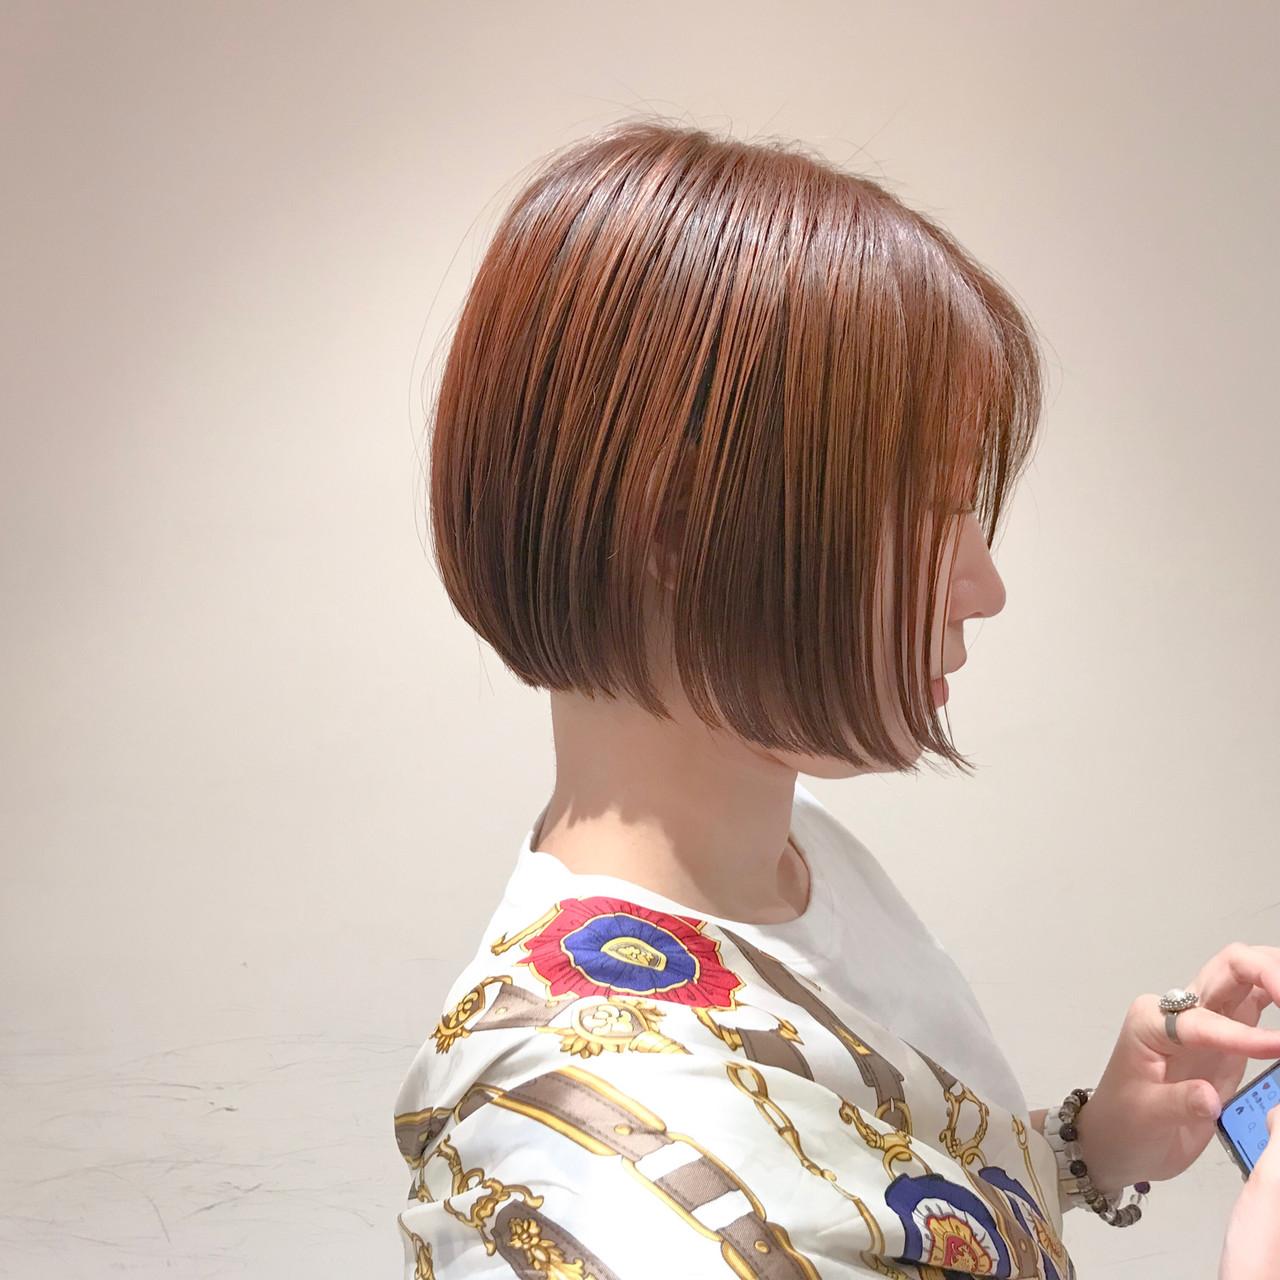 ナチュラル 透明感カラー オレンジカラー ボブ ヘアスタイルや髪型の写真・画像